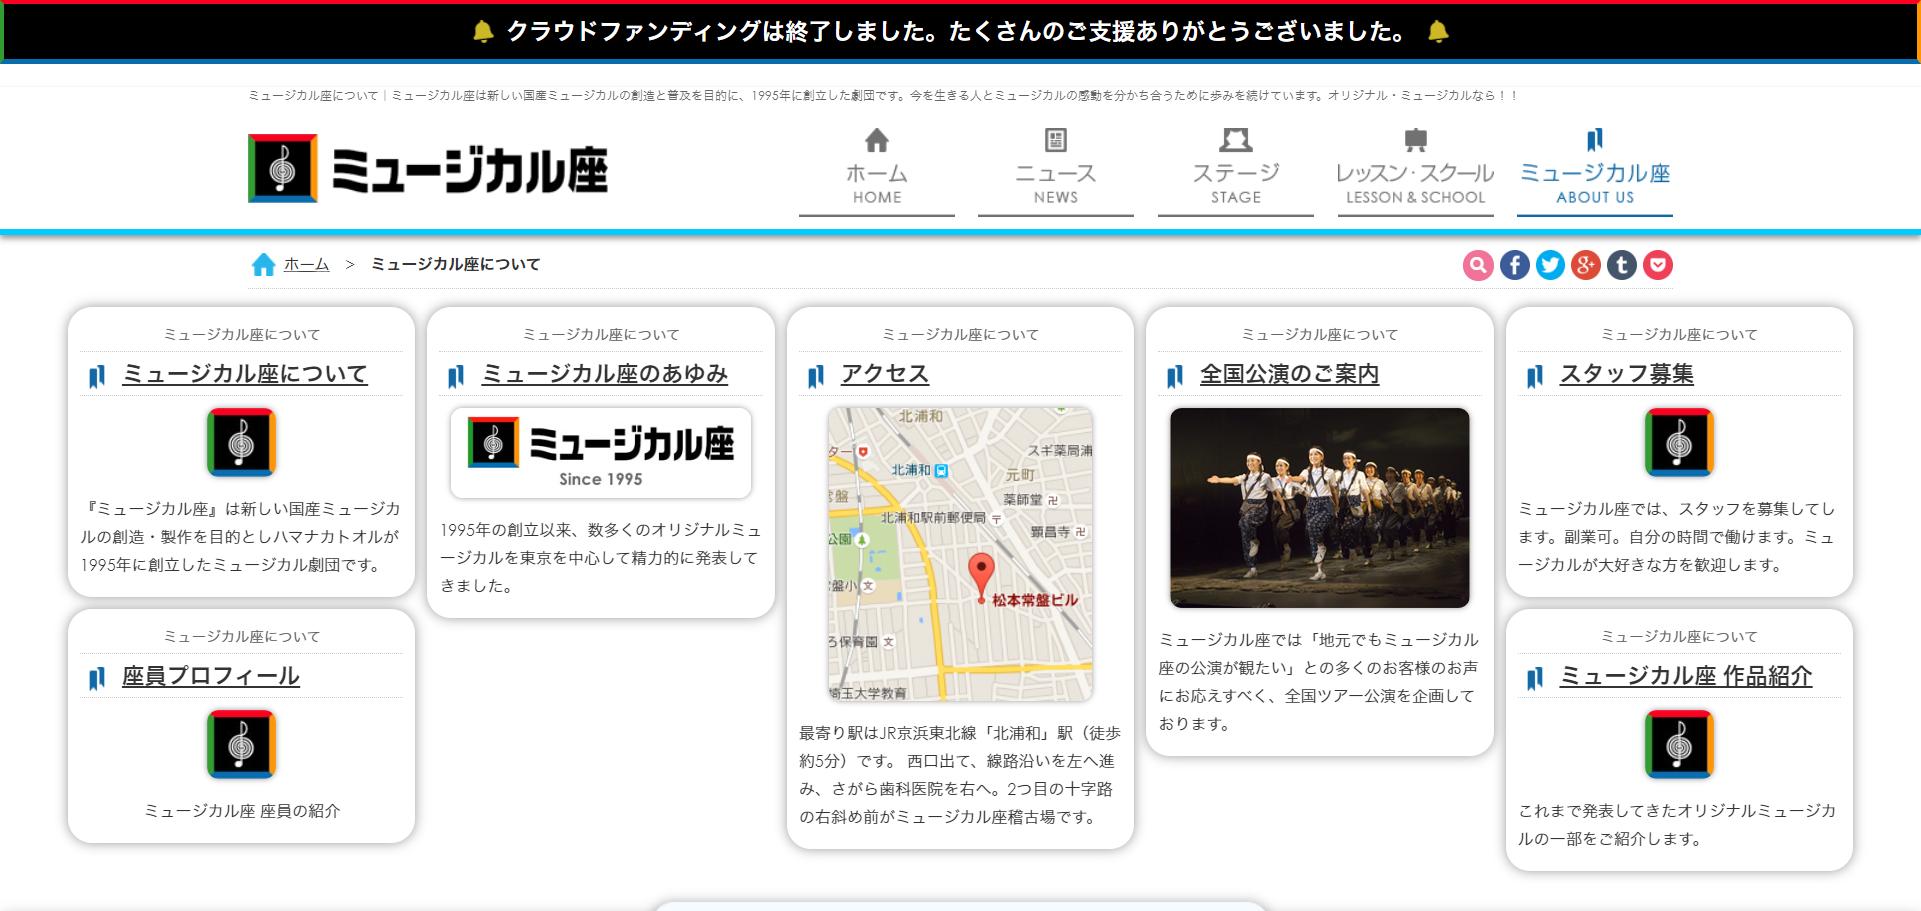 ミュージカル座について | ミュージカル座 - musical-za.co.jp